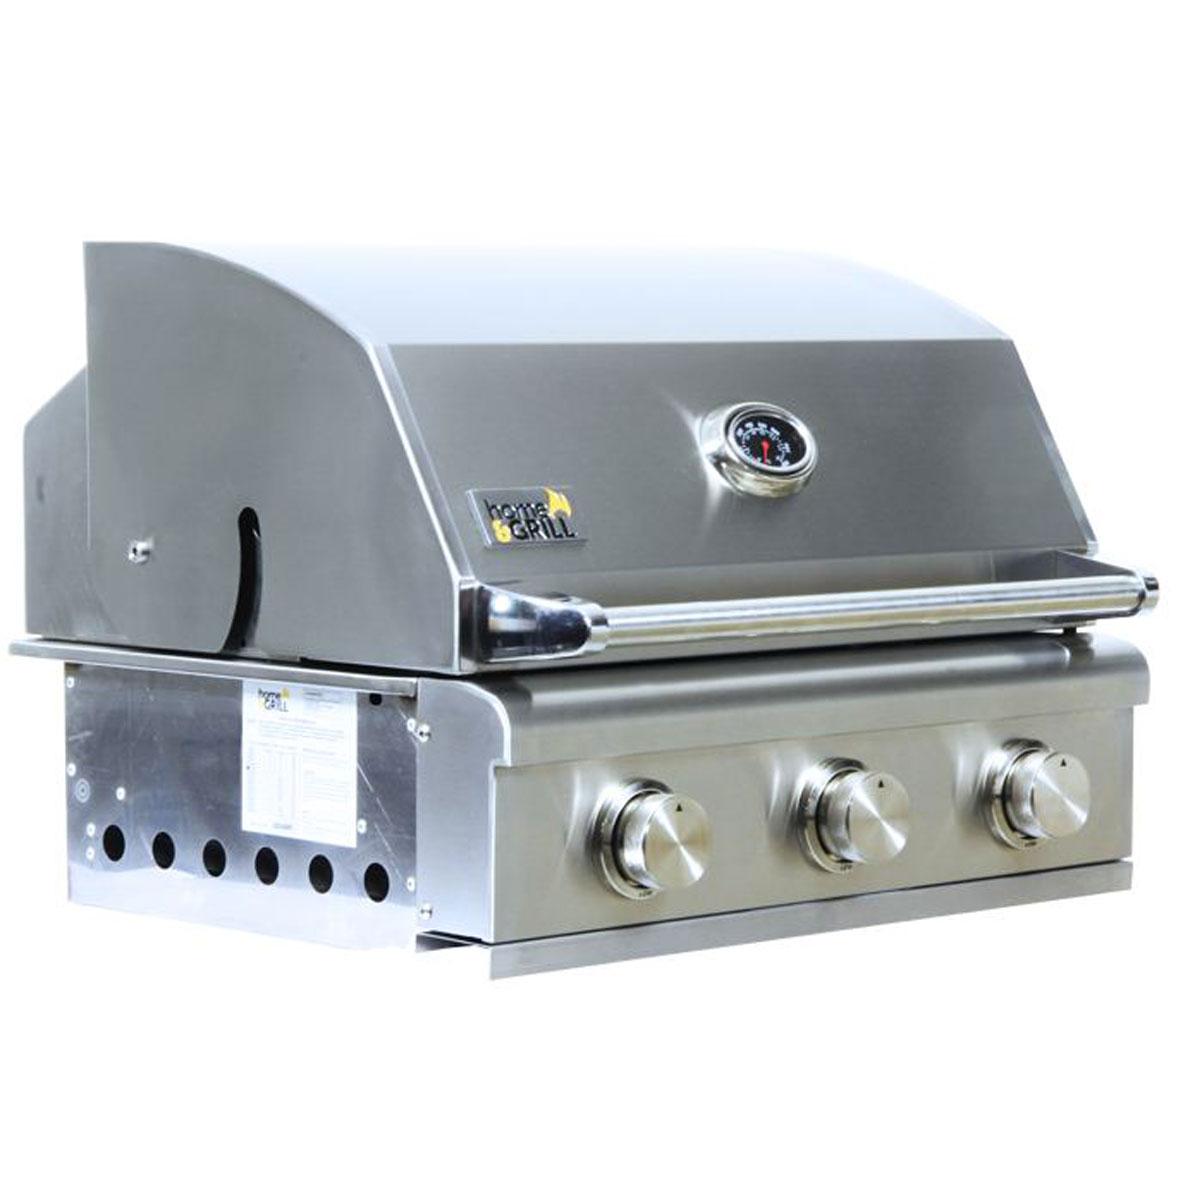 PROMOÇÃO Churrasqueira a Gás Home e Grill Smart HG-3BS - 3 Queimadores - 100% Inox 304 + Brindes